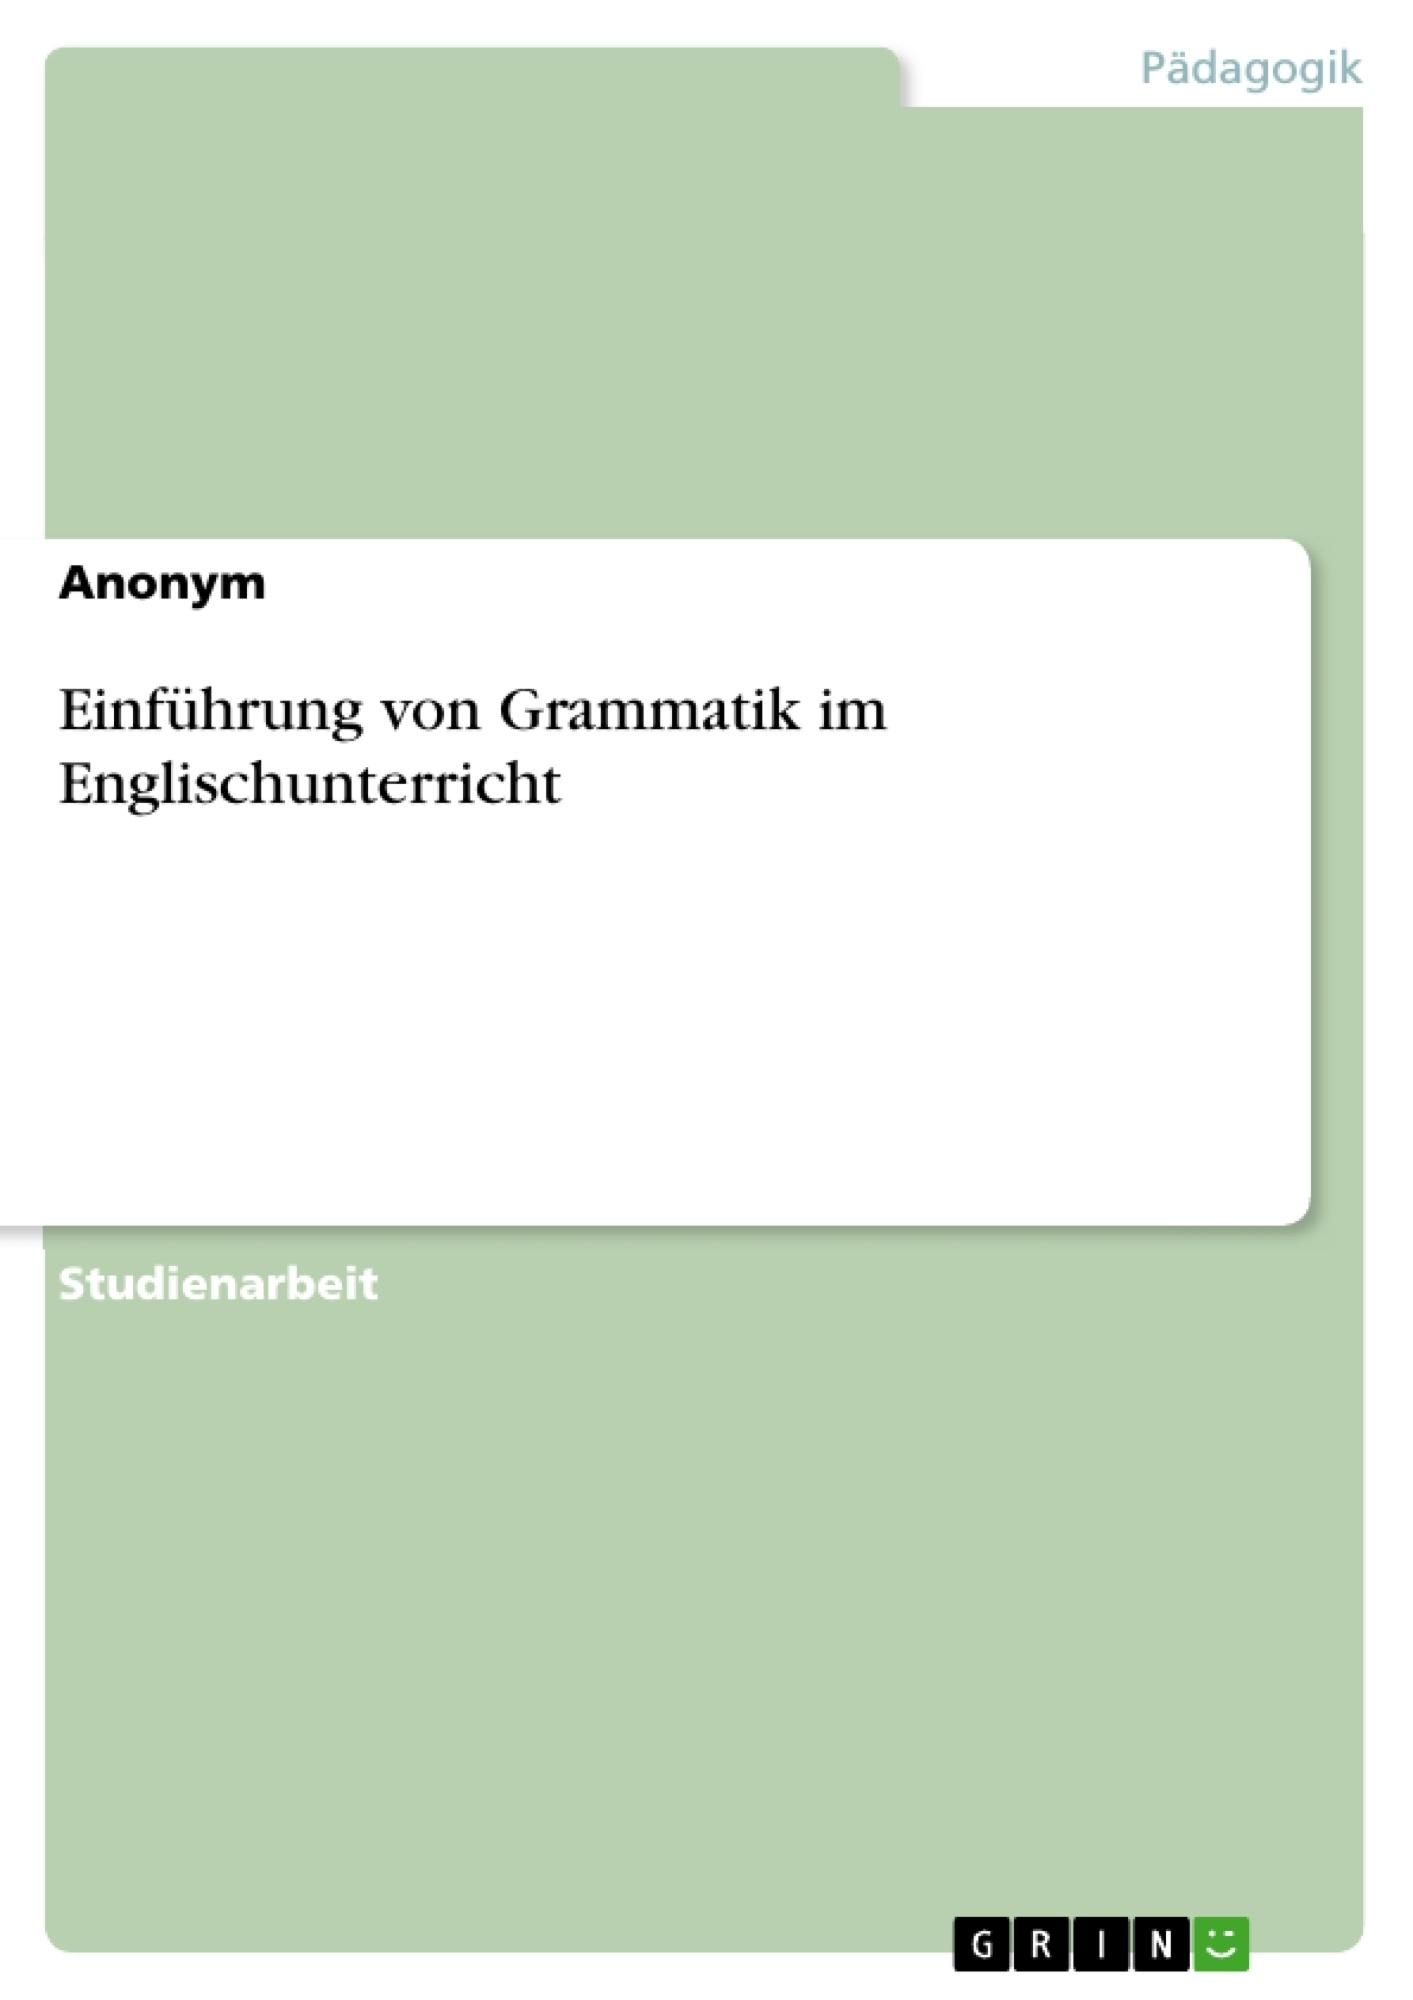 Titel: Einführung von Grammatik im Englischunterricht